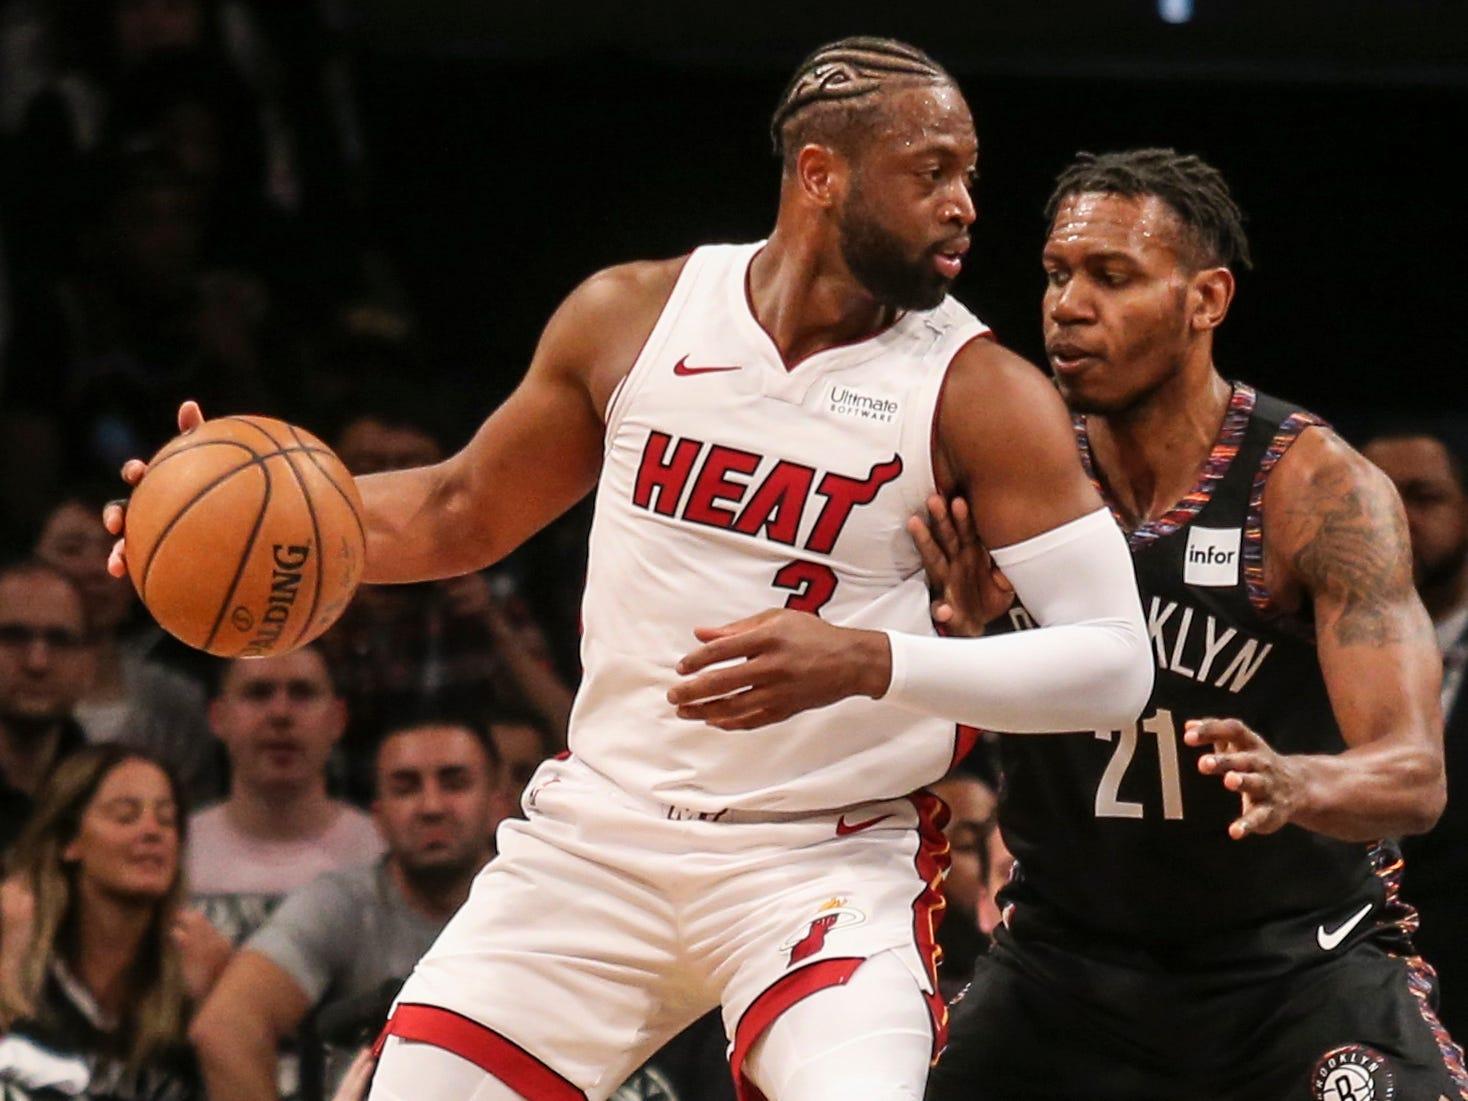 125. Dwyane Wade, Heat (April 10): 25 points, 11 rebounds, 10 assistsin 113-94 loss to Nets.